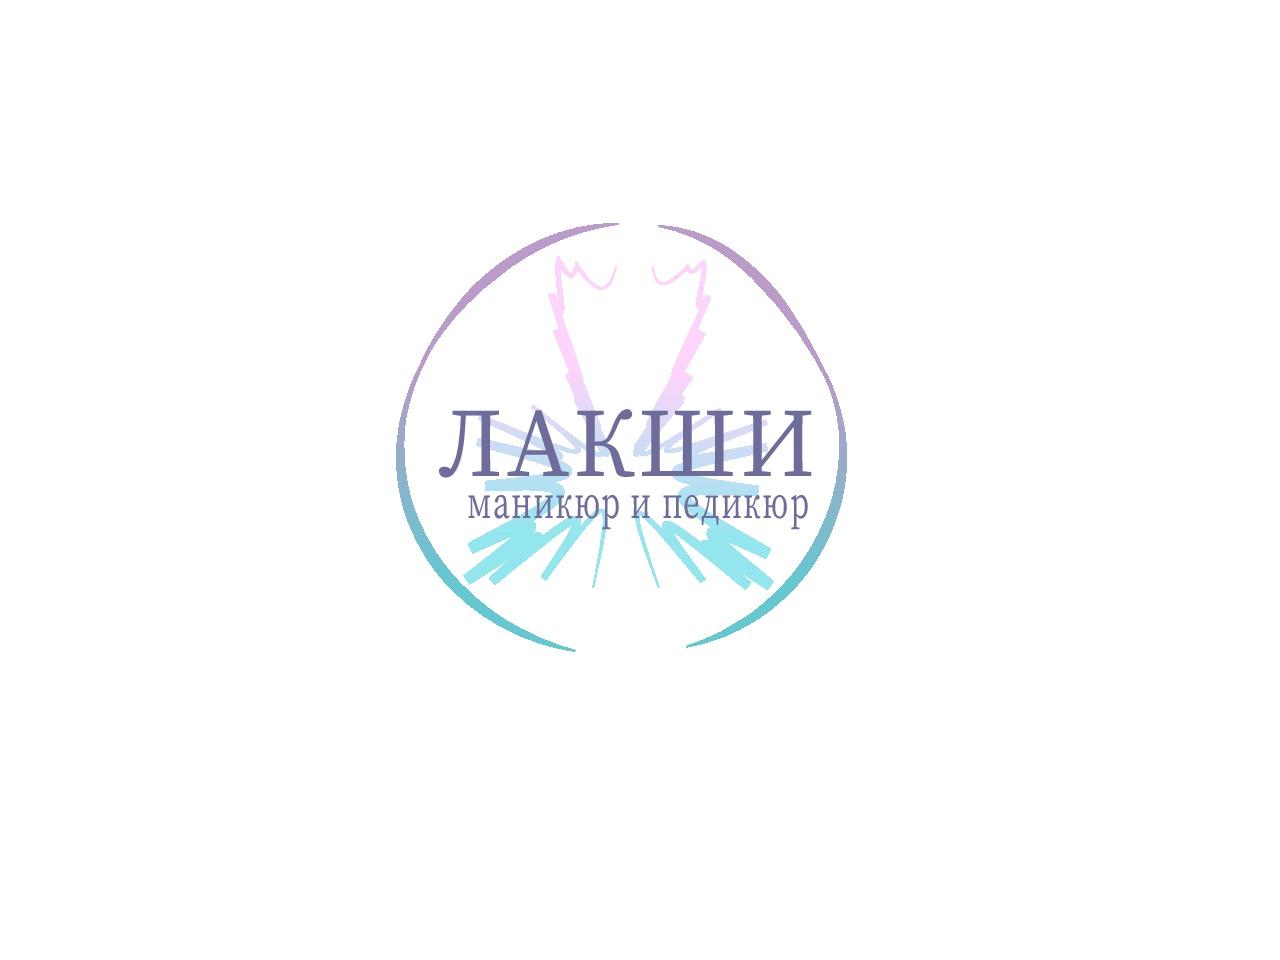 Разработка логотипа фирменного стиля фото f_6275c5828162cfe5.jpg